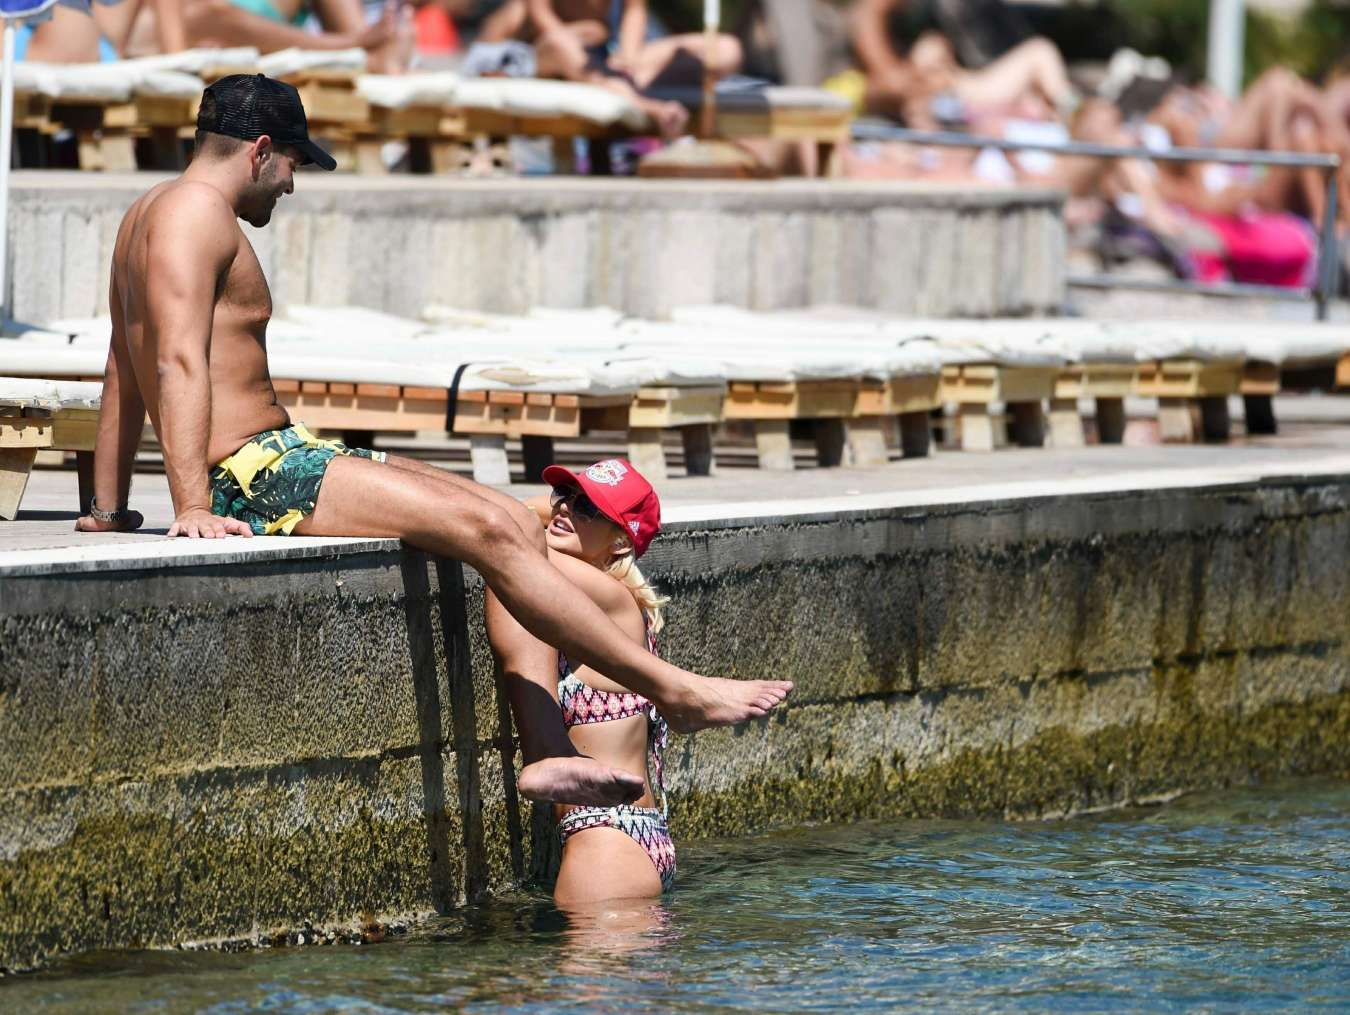 Stephanie Pratt 2017 : Stephanie Pratt: Bikini on holiday in Croatia -03